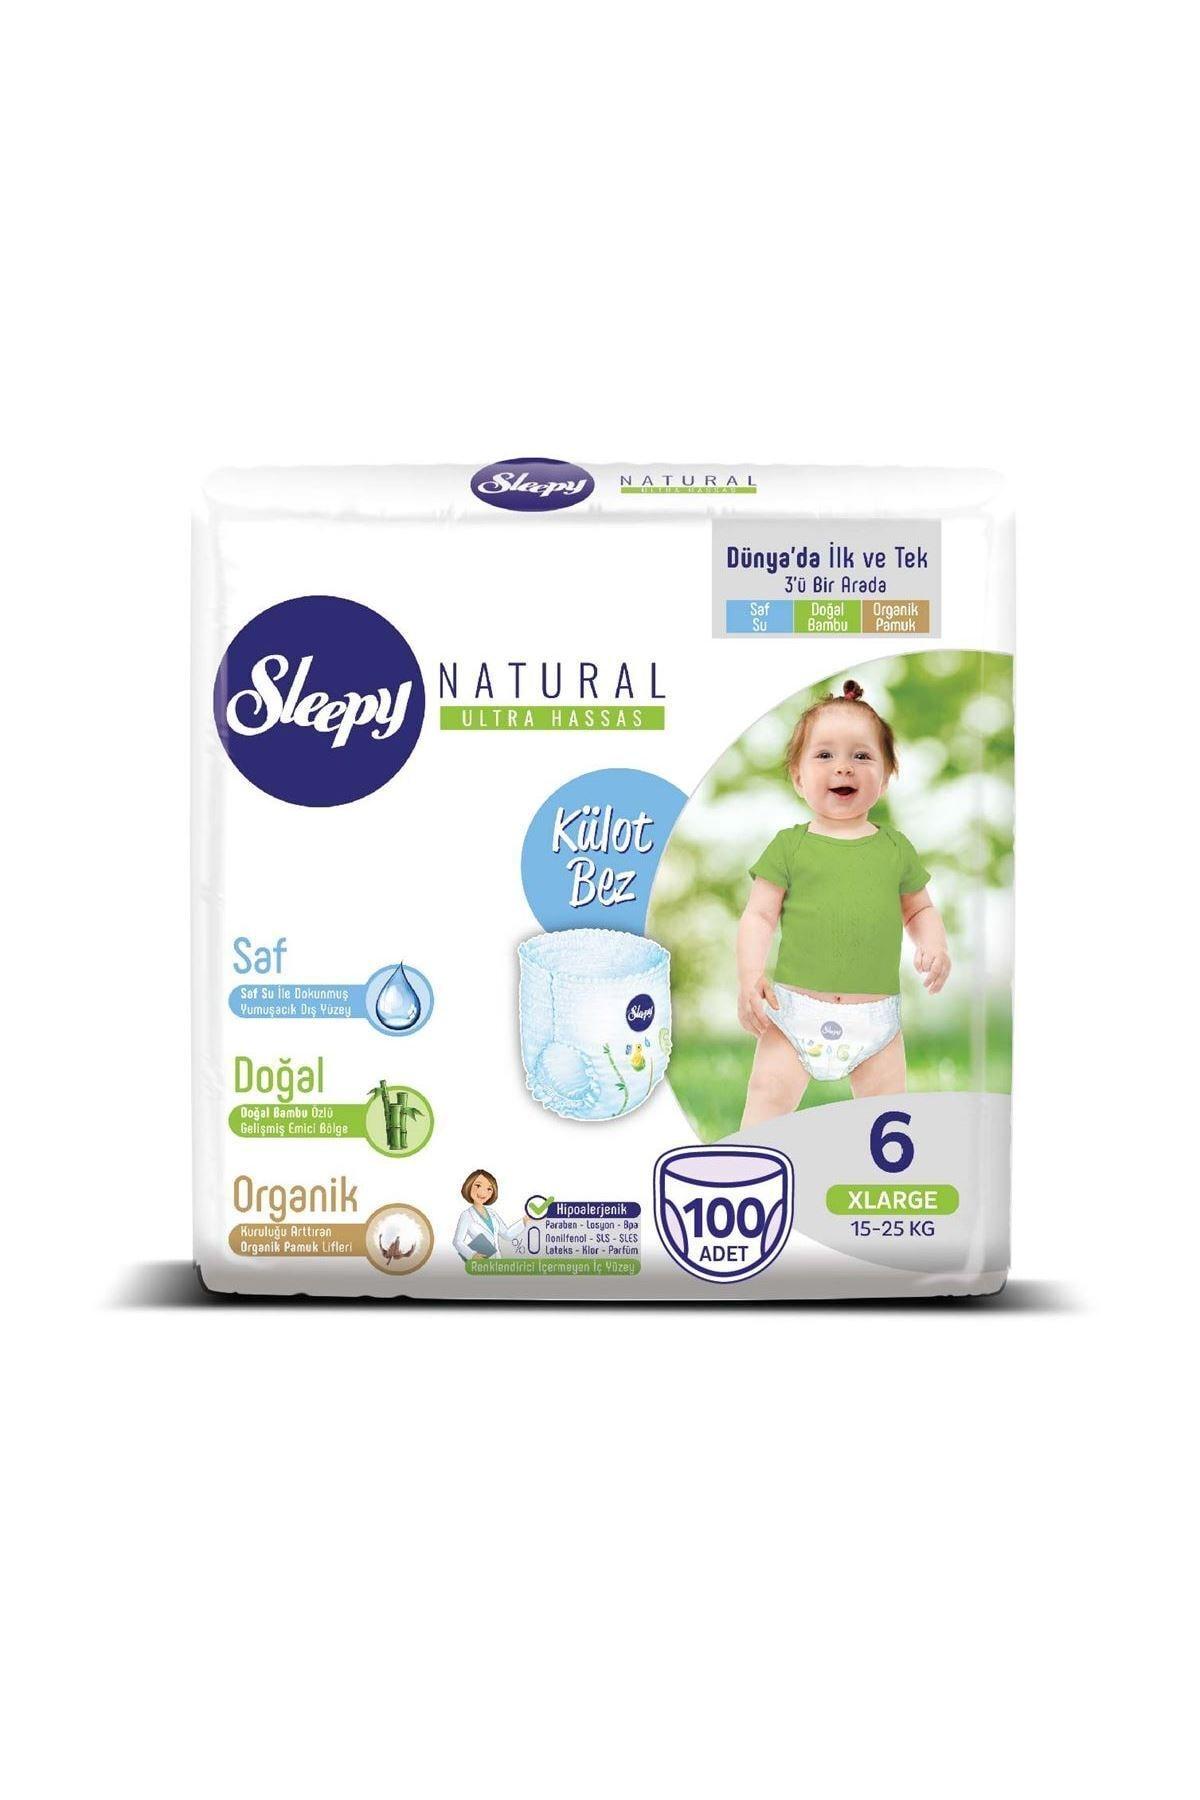 Sleepy Natural Külot Bez 6 Numara Xlarge Süper Fırsat Paketi 100 Adet 2